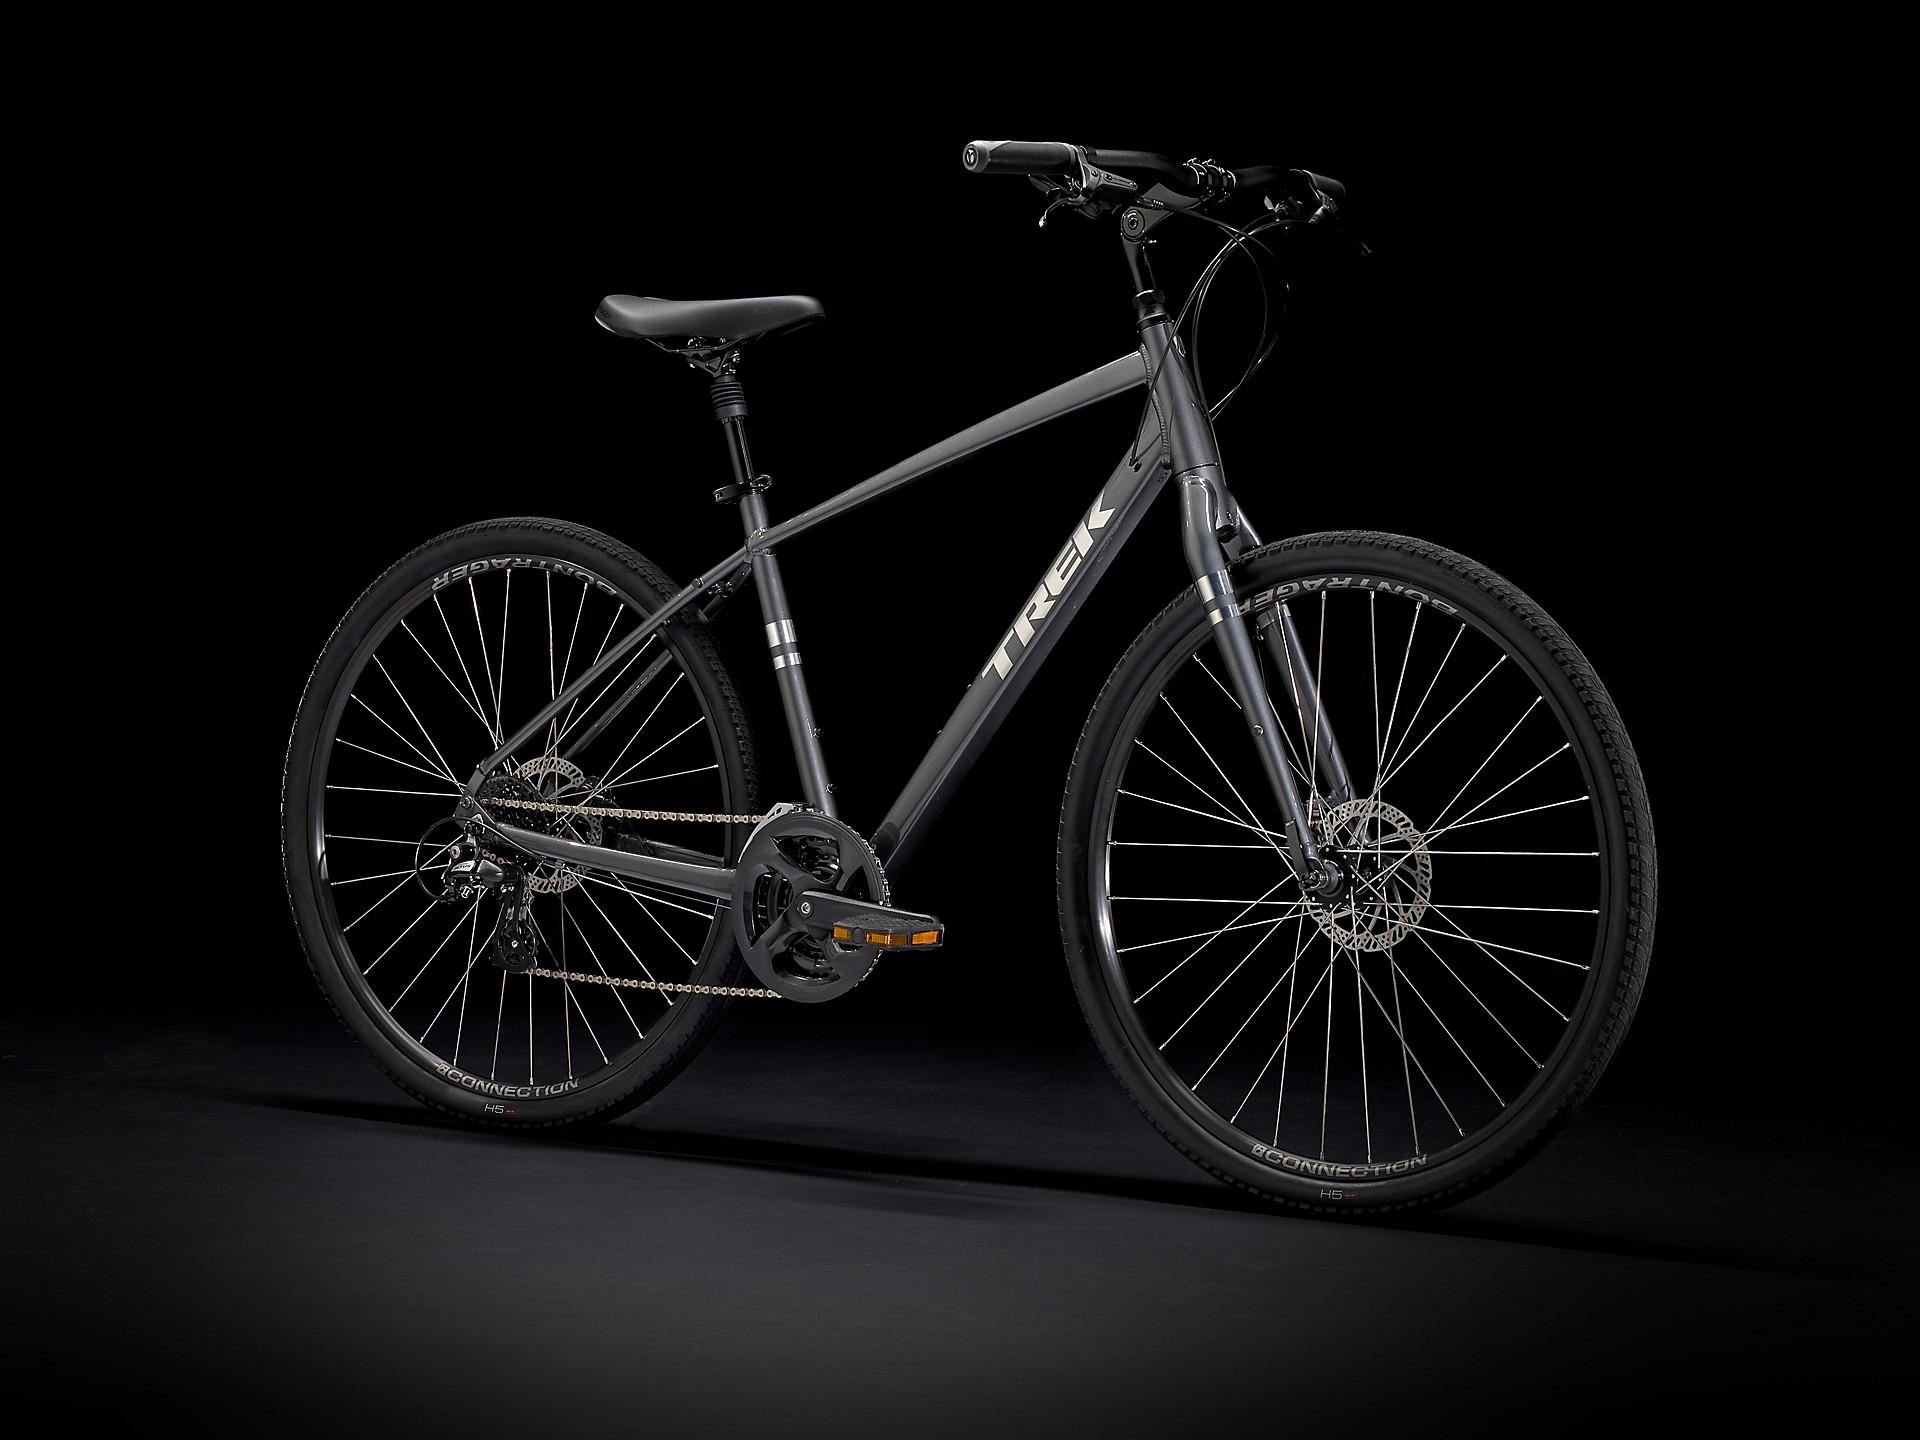 Trek Verve 2 Disc Hybrid Bike